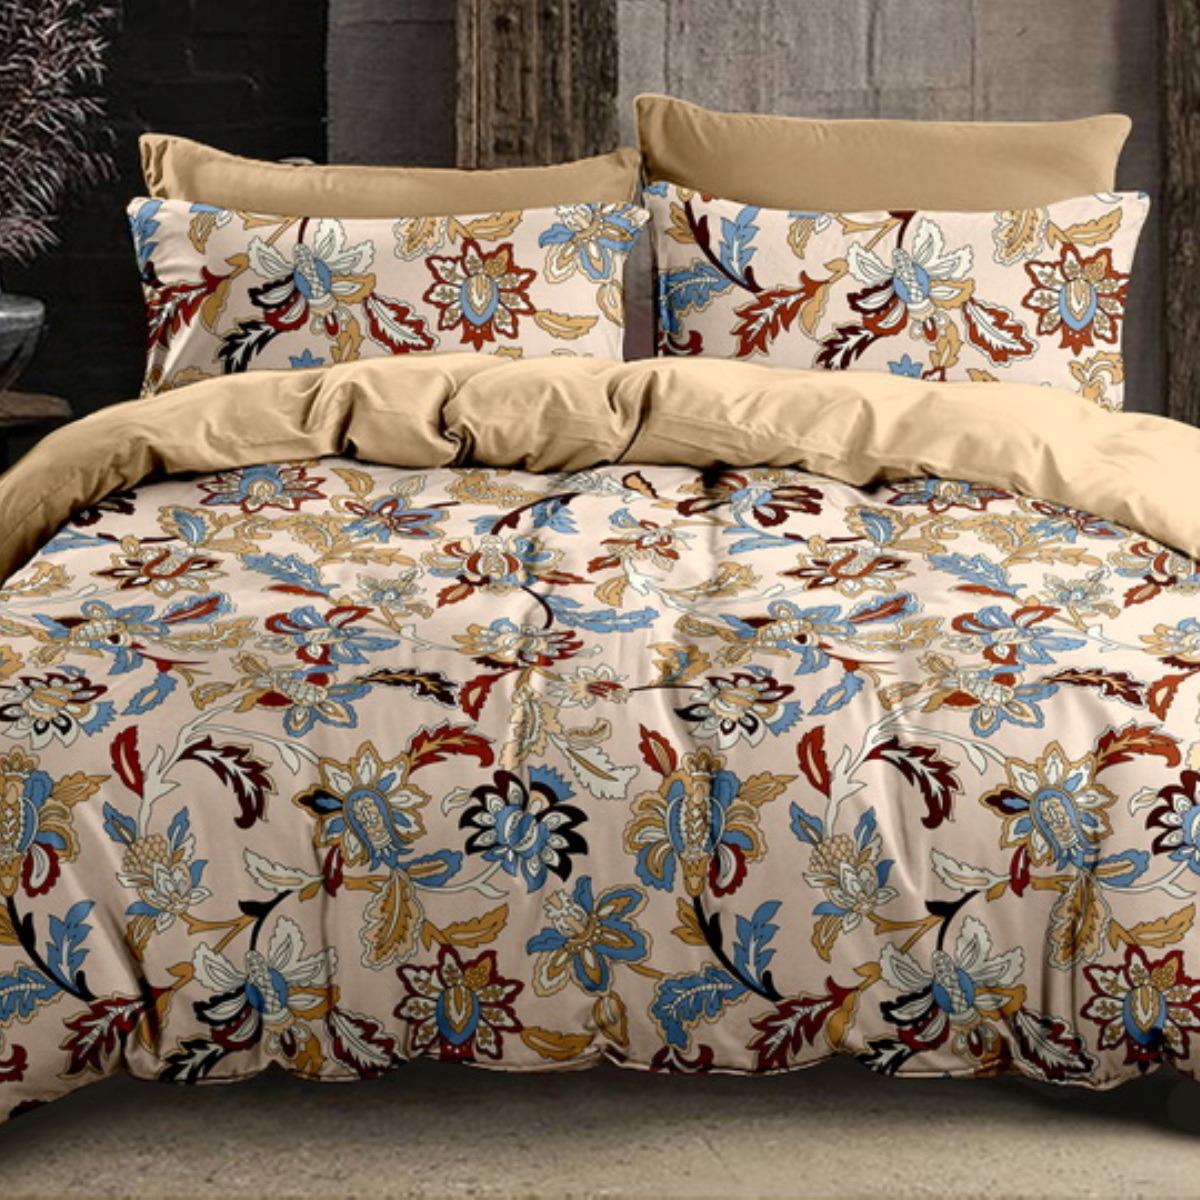 Комплект постельного белья Letto, 2-спальный, наволочки 70х70. PL55-4 комплект белья letto 2 спальный наволочки 70х70 sm119 4